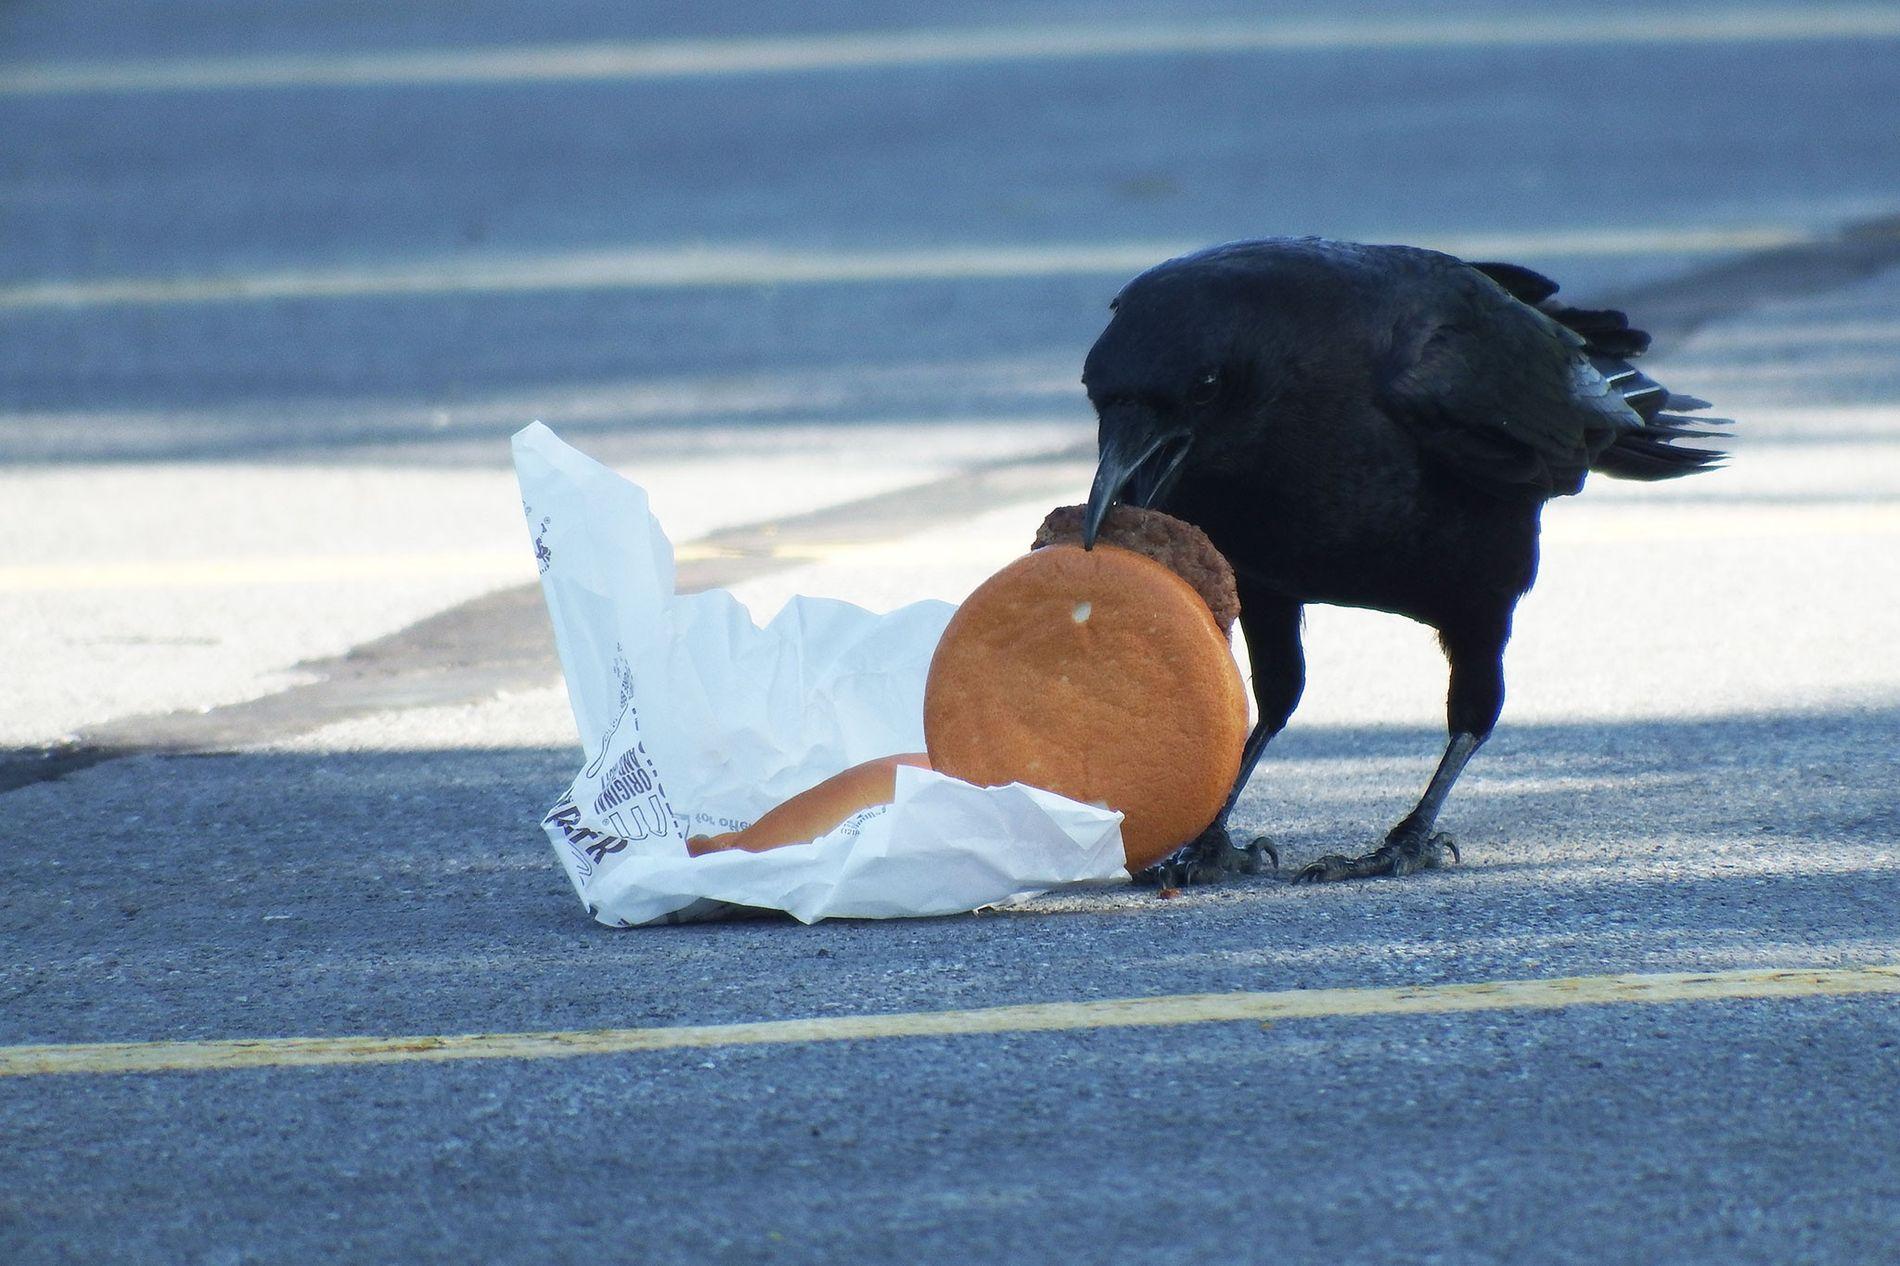 Wissenschaftler verfütterten Cheeseburger an Krähen, um herauszufinden, ob sich der Verzehr von menschlicher Nahrung auf die Überlebensrate der Vögel auswirkt.